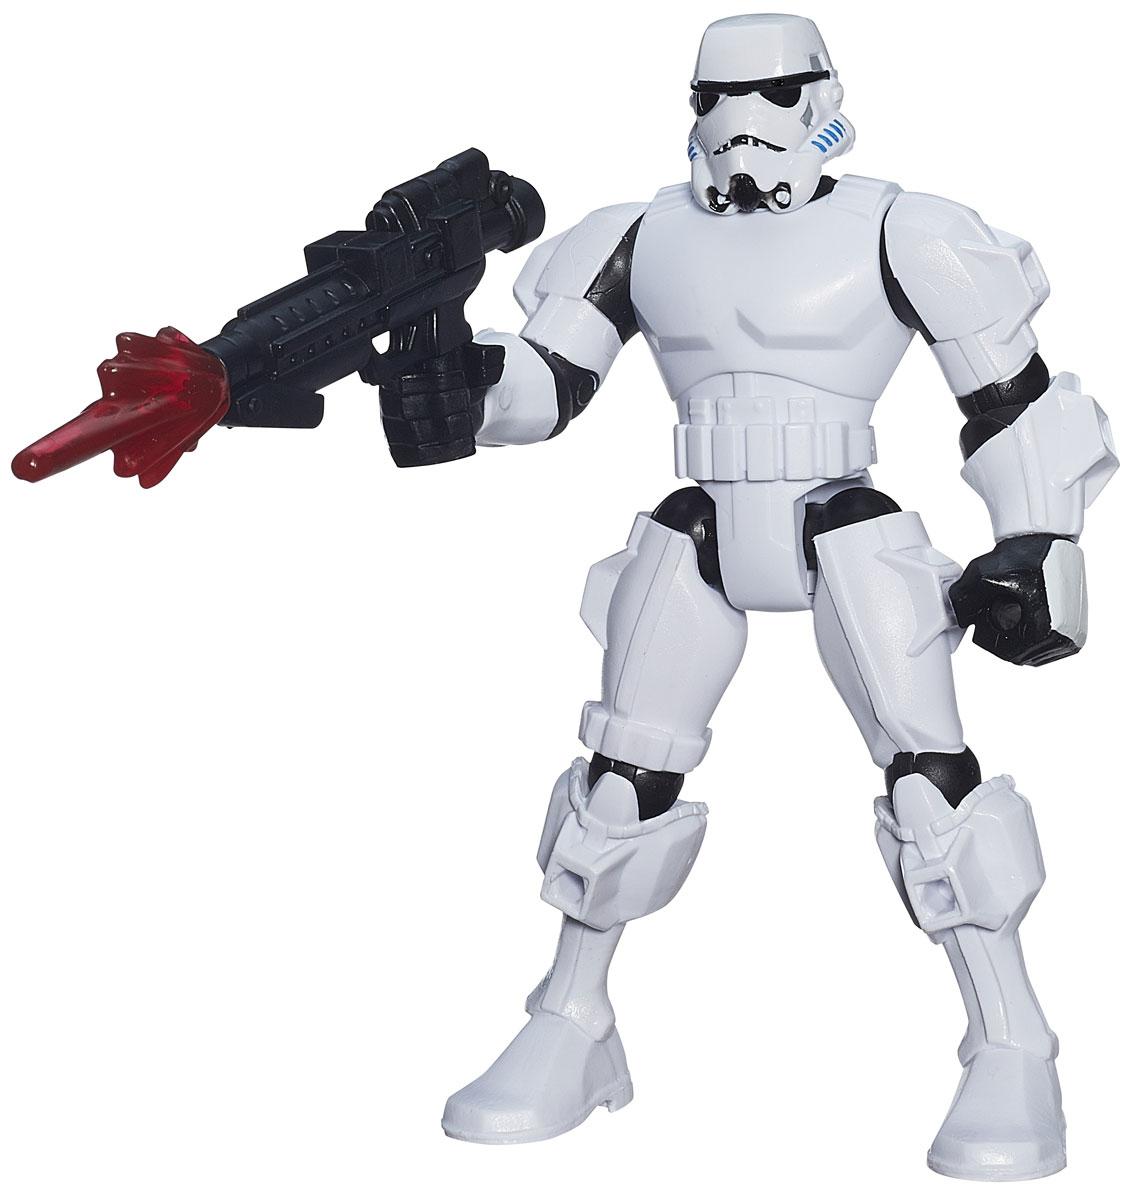 HeroMashers Фигурка StormtrooperB3662_B3656Фигурка HeroMashers Stormtrooper выполнен в виде героя всеми любимой фантастической саги Звездные войны имперского штурмовика, вооруженного мощной бластерной винтовкой. Фигурка из пластика проработана до мельчайших деталей и является точной копией своего прототипа в уменьшенном размере. Конечности игрушки подвижны: поворачивается голова, сгибаются ноги и руки. Все это сделает игру реалистичной и разнообразной. Еще одной особенностью данной серии фигурок является то, что конечности разных фигурок взаимозаменяемы, поэтому вы сможете создать свою собственную, уникальную фигурку! Такая фигурка непременно понравится поклоннику Звездных войн и станет замечательным украшением любой коллекции. В комплекте: фигурка, бластерная винтовка.